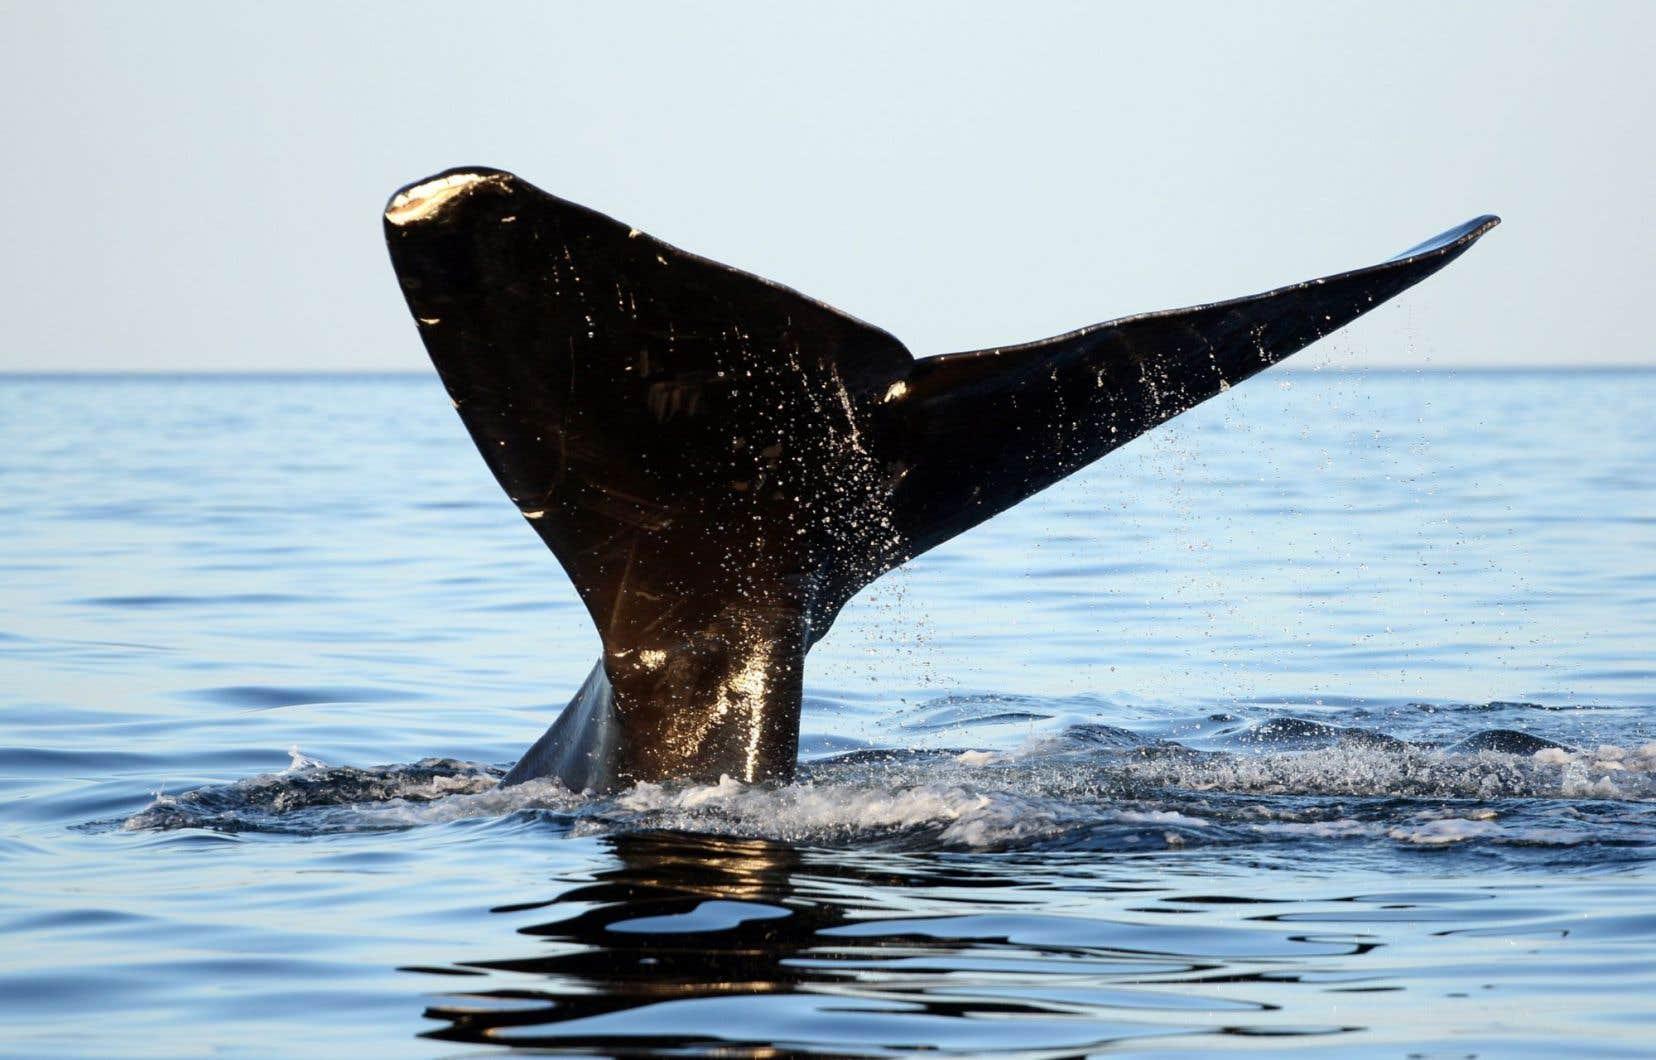 La baleine noire est mal adaptée à l'activité humaine et a de la difficulté à éviter les bateaux.